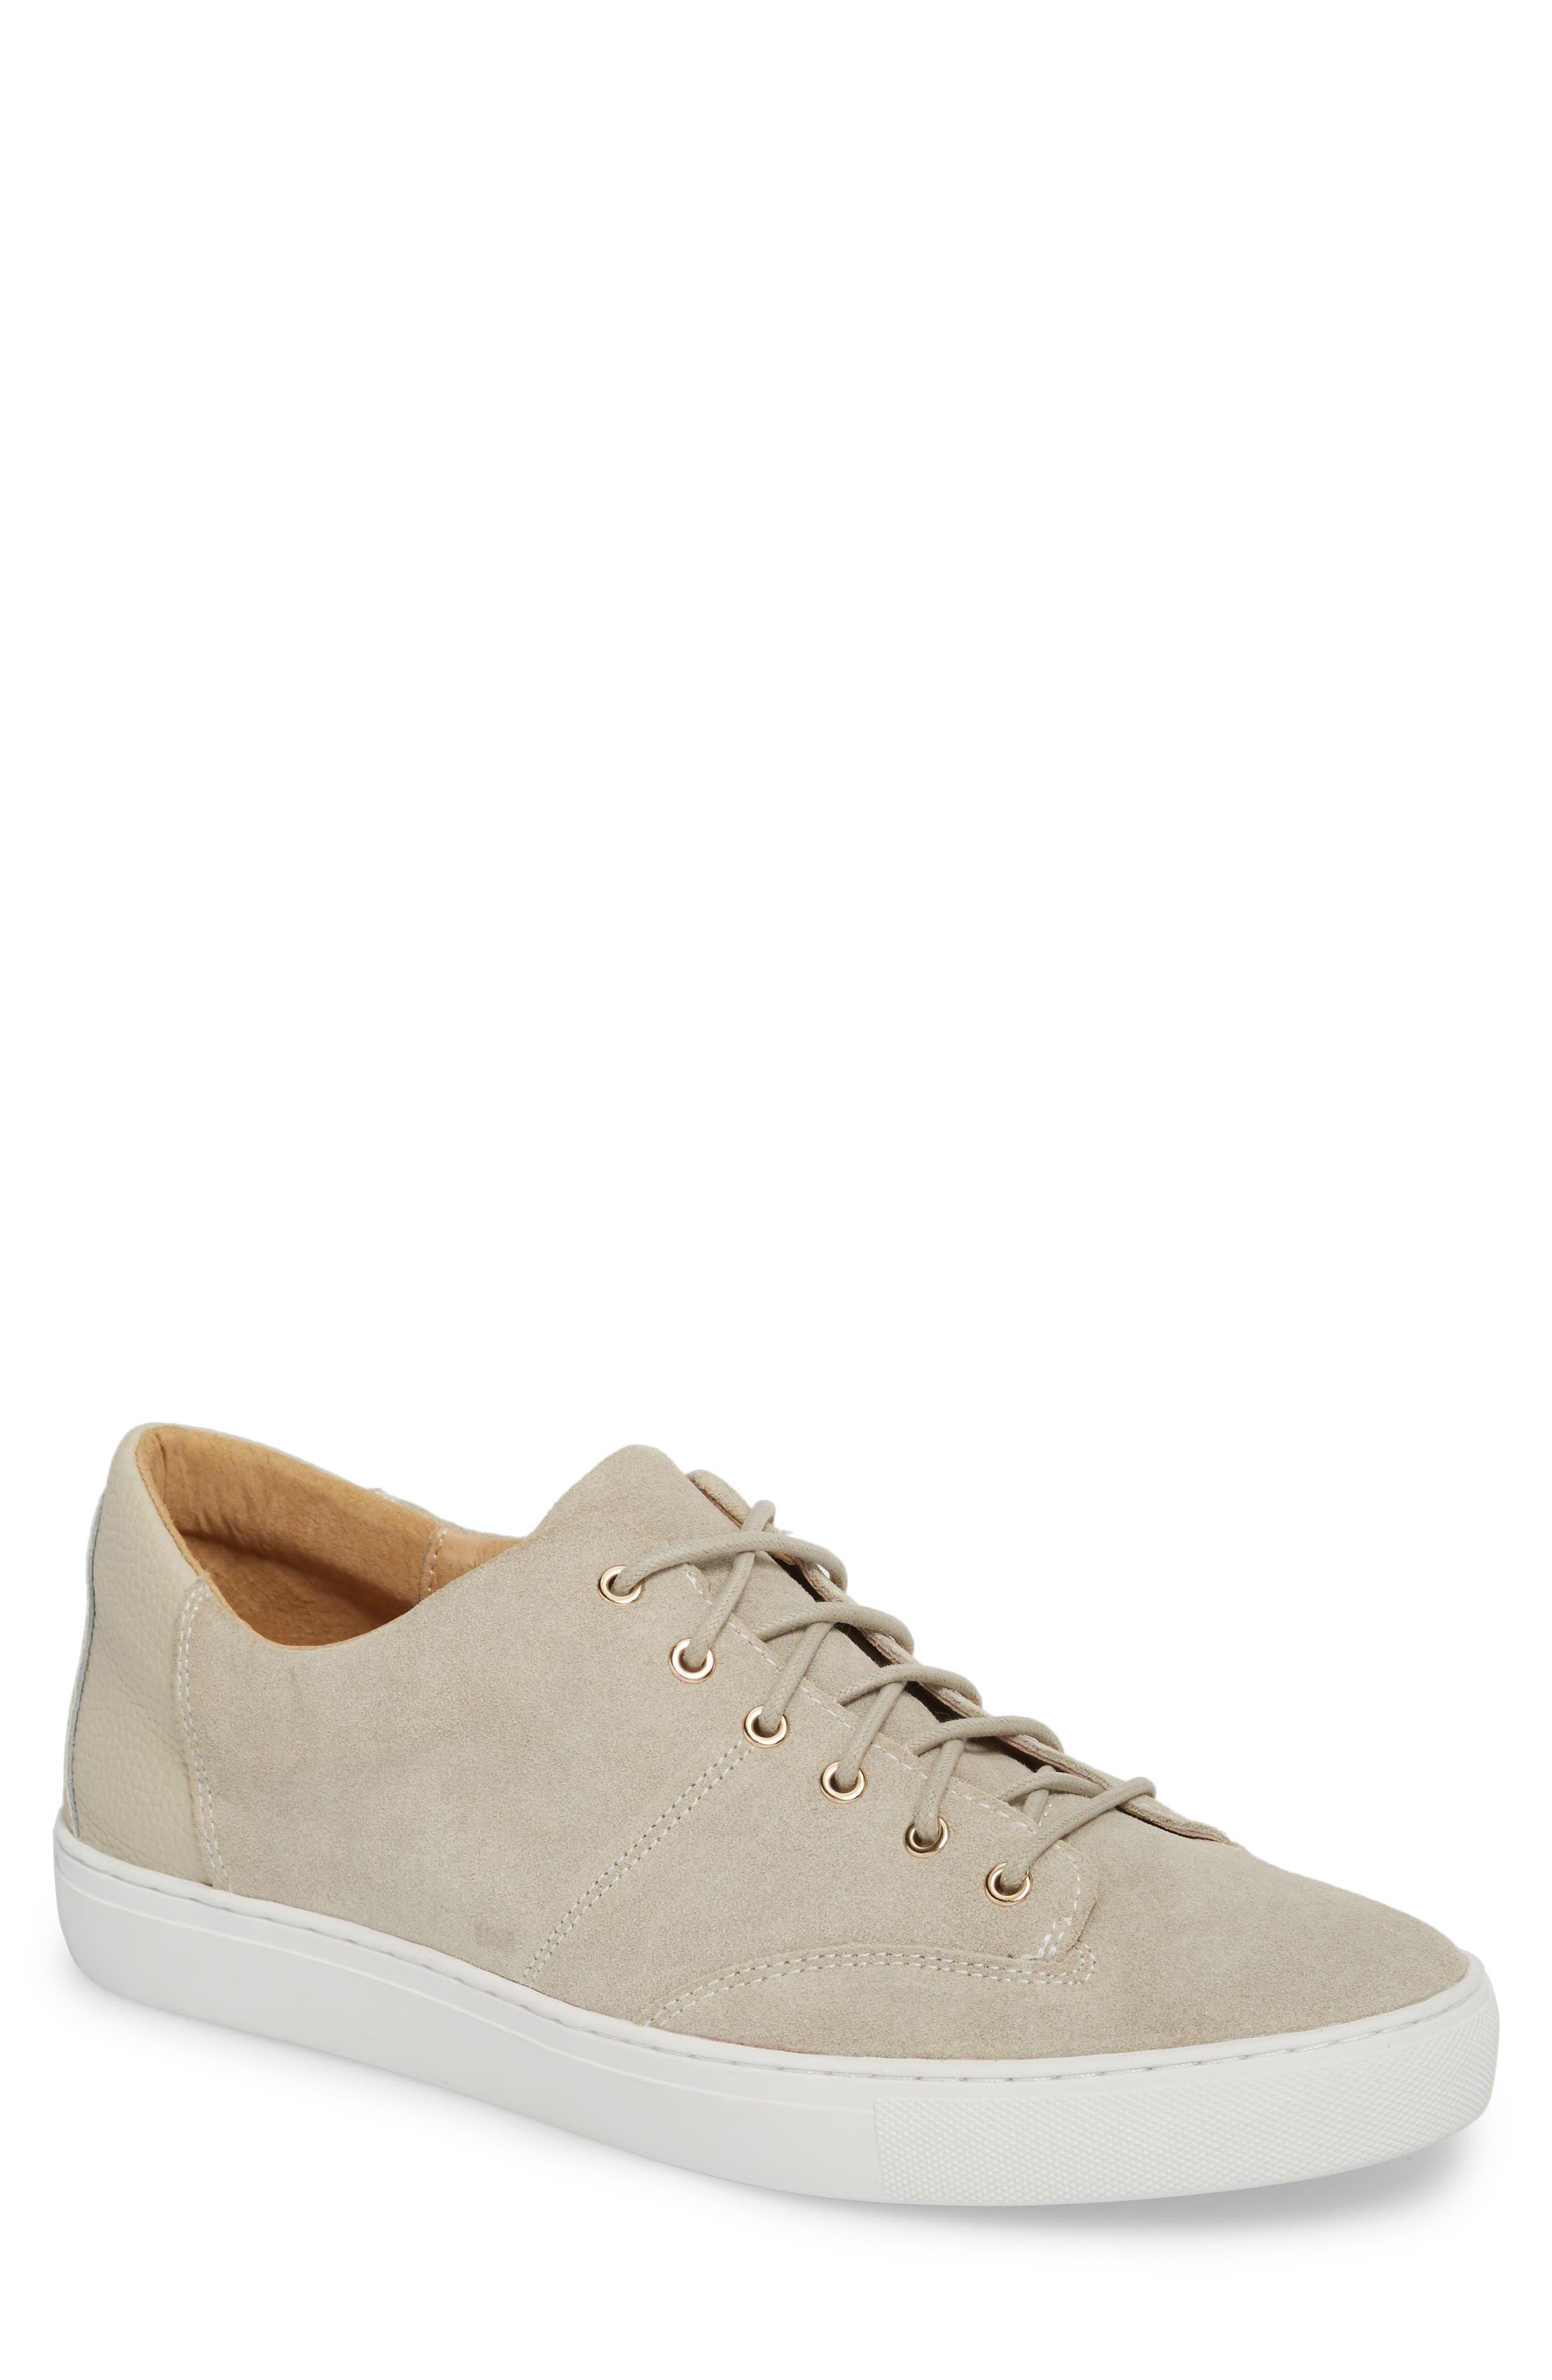 Main Image - TCG Cooper Sneaker (Men)